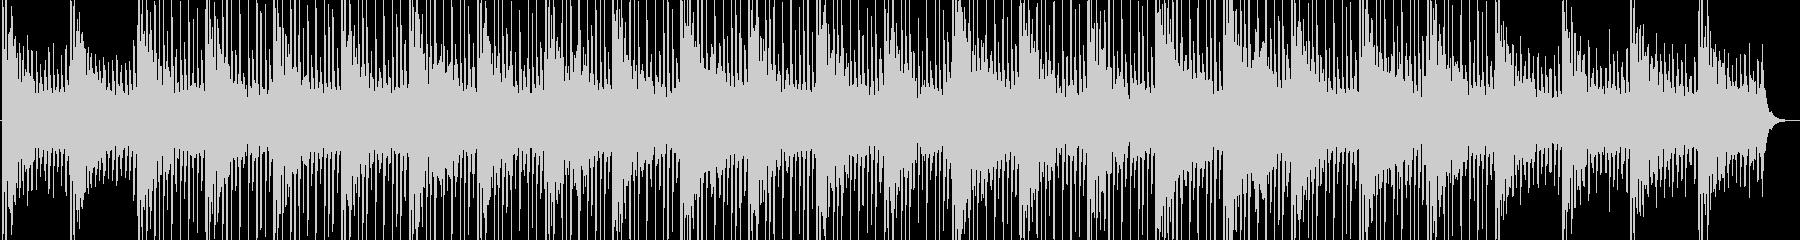 電子音のループが心地よいチルアウトの未再生の波形